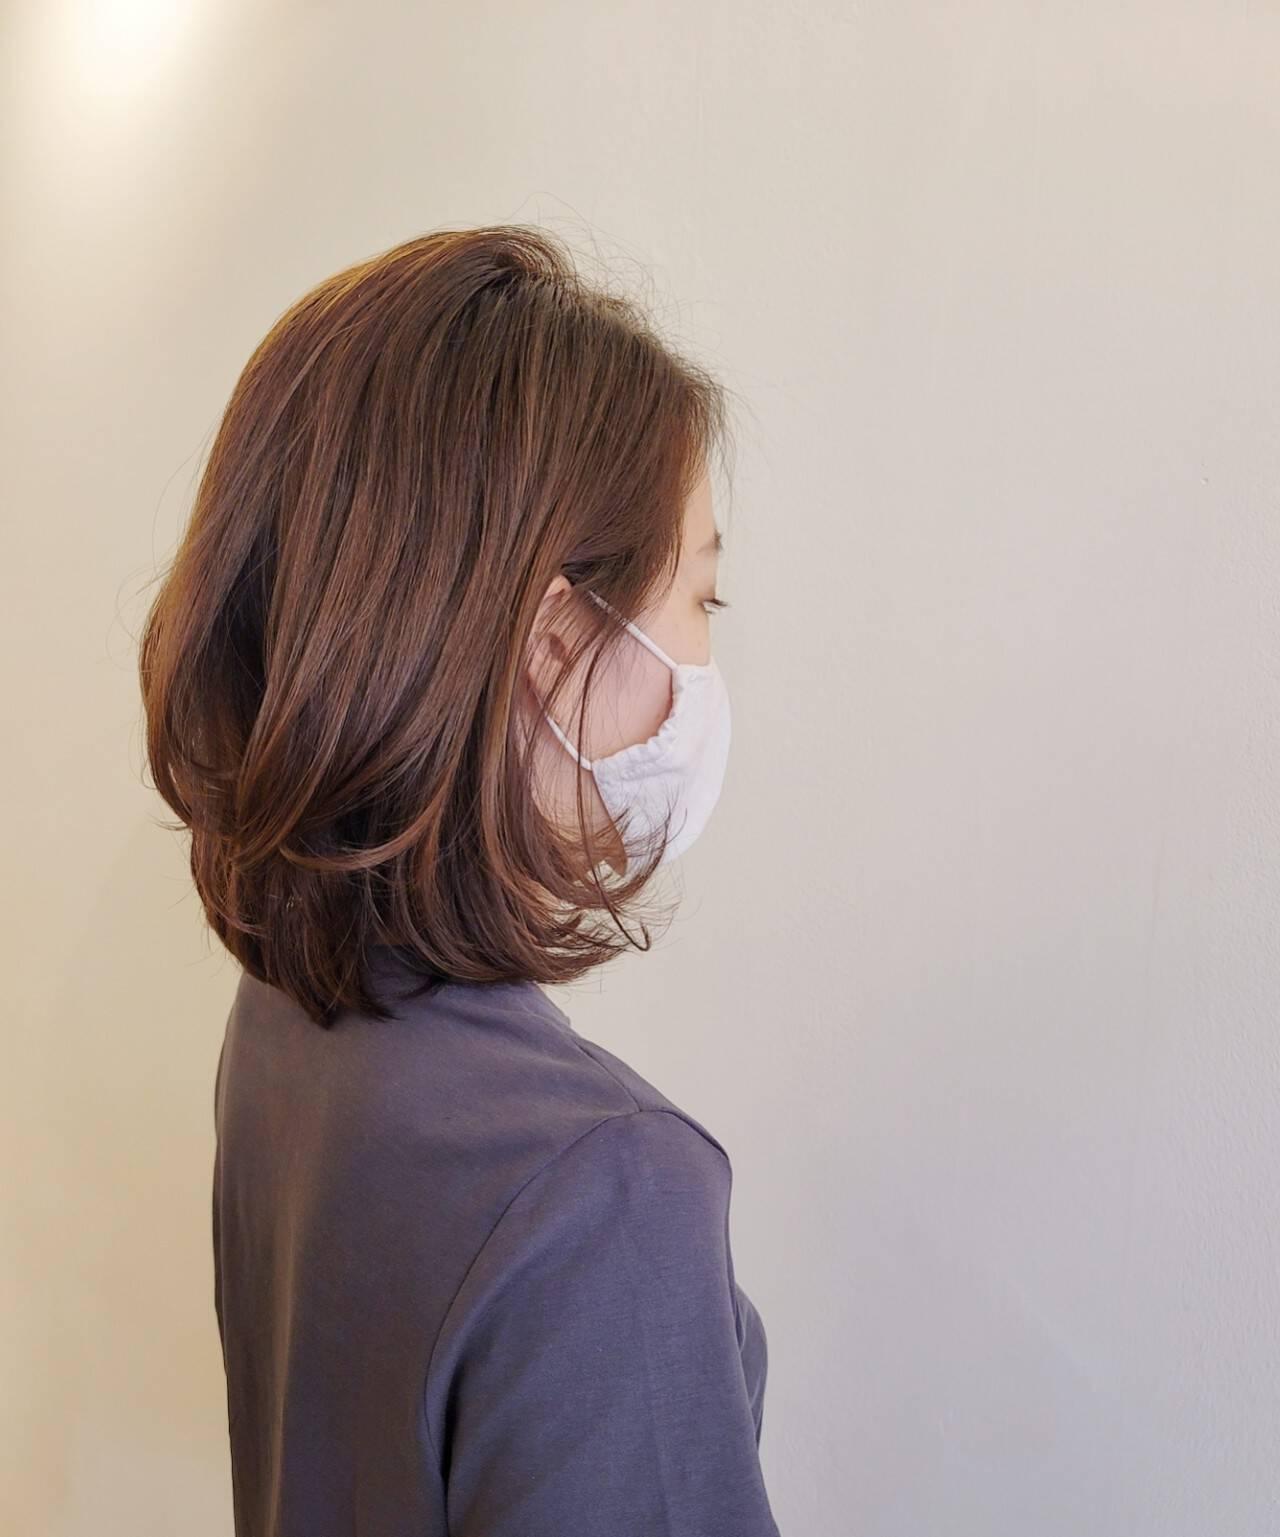 ヘアカット 大人ミディアム 耳かけ エレガントヘアスタイルや髪型の写真・画像